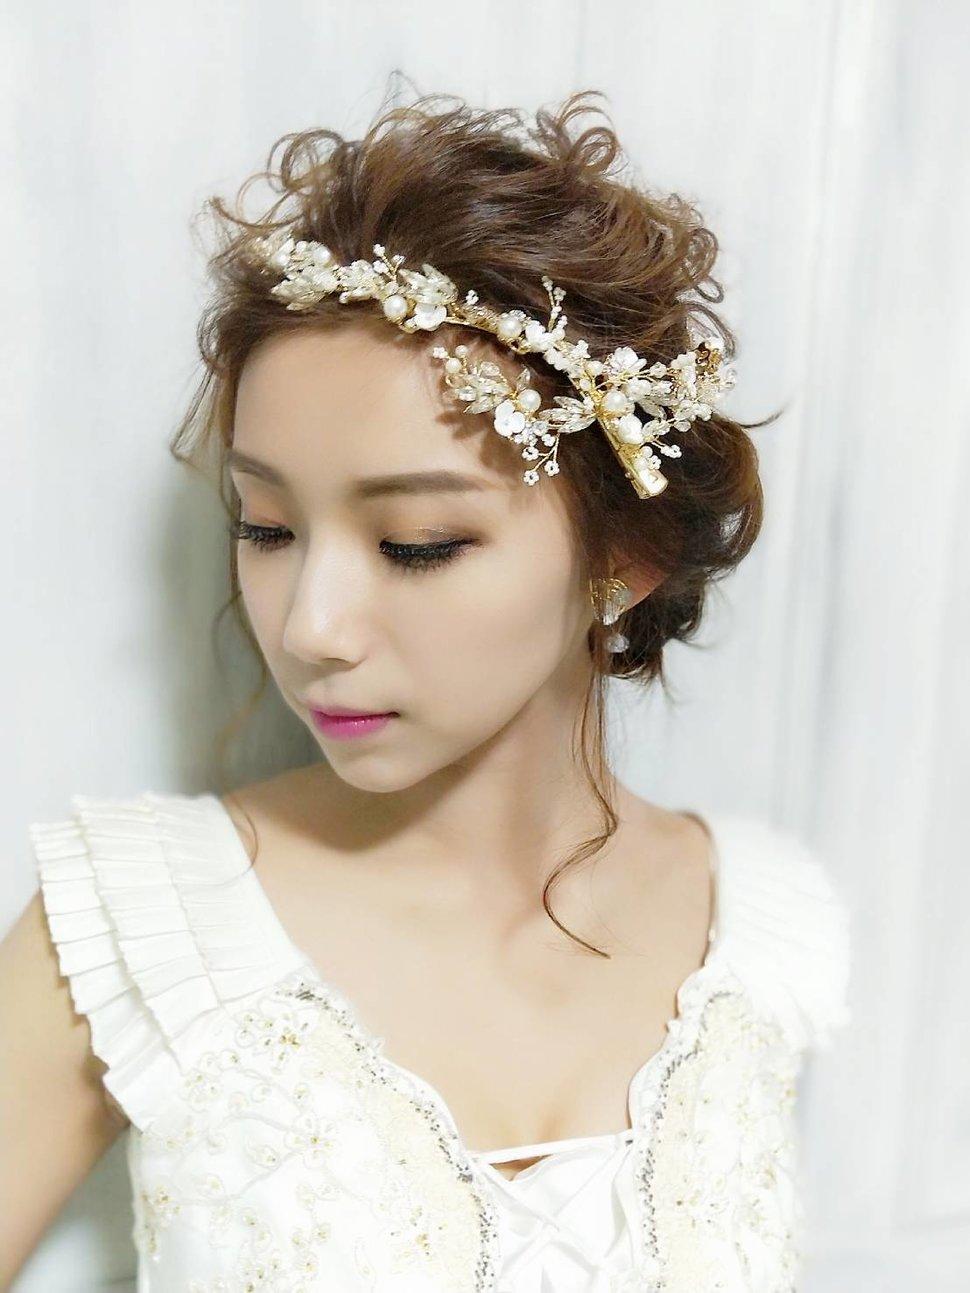 8545832383632 - 全台最便宜-45DESIGN四五婚紗禮服《結婚吧》